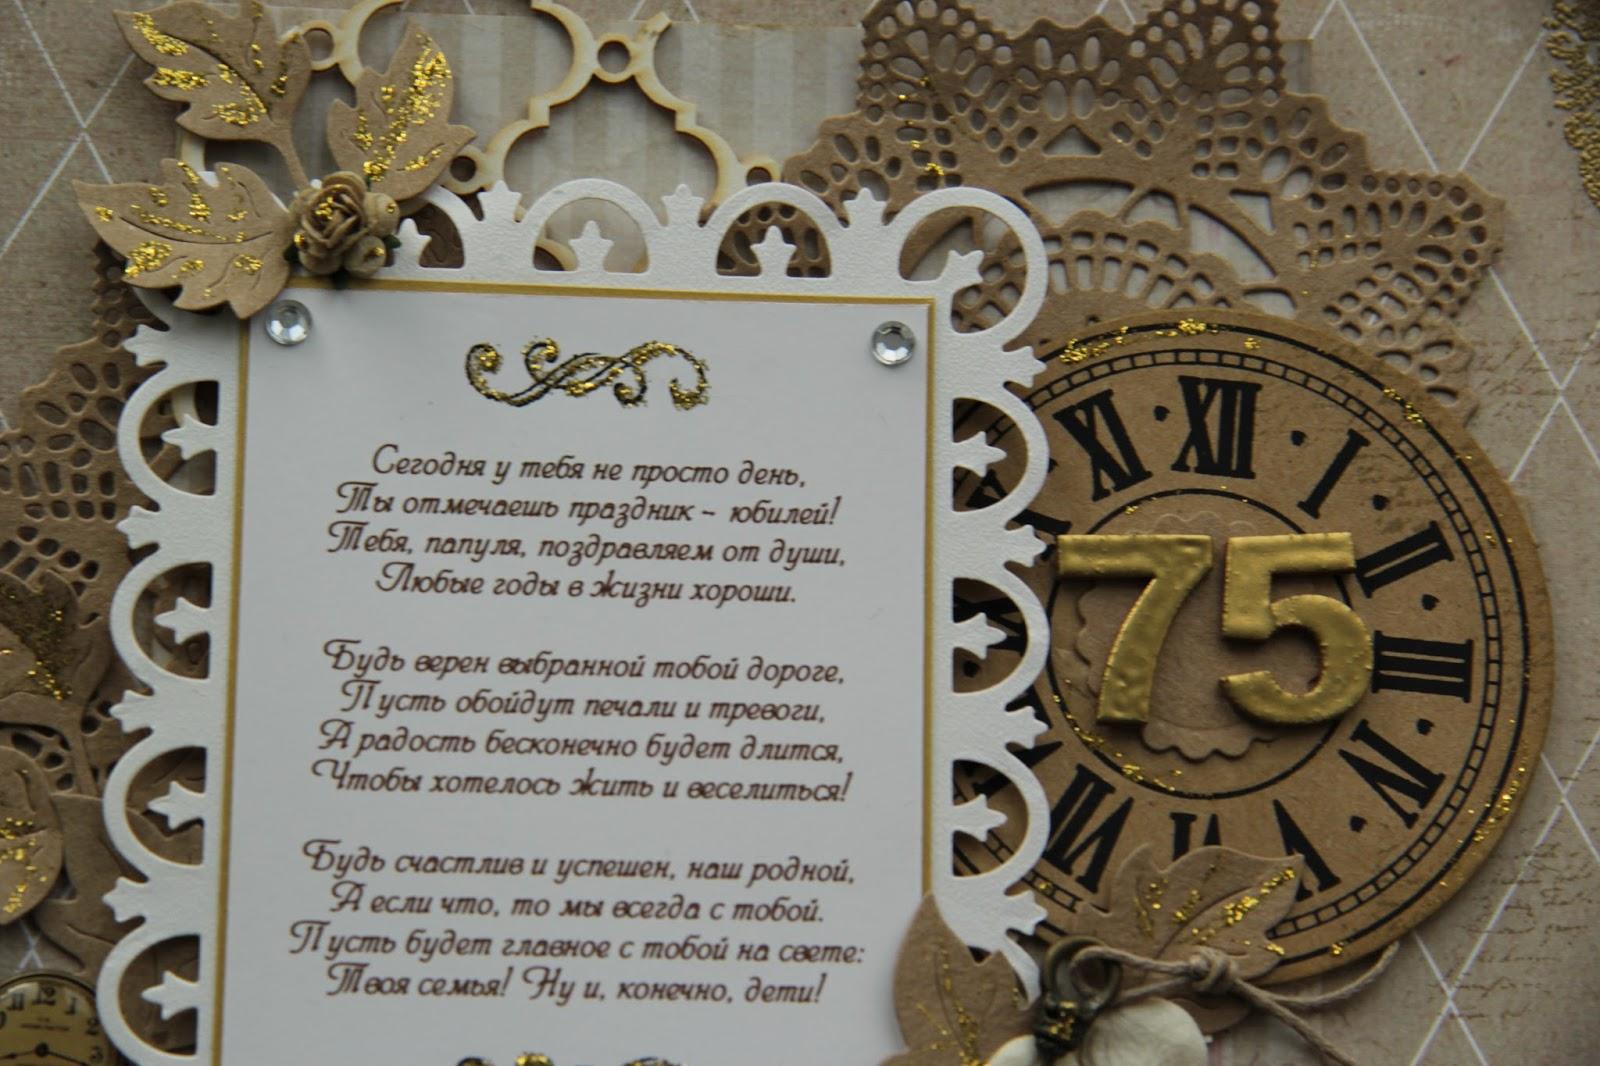 Поздравление с днём рождения а немецком в стихах